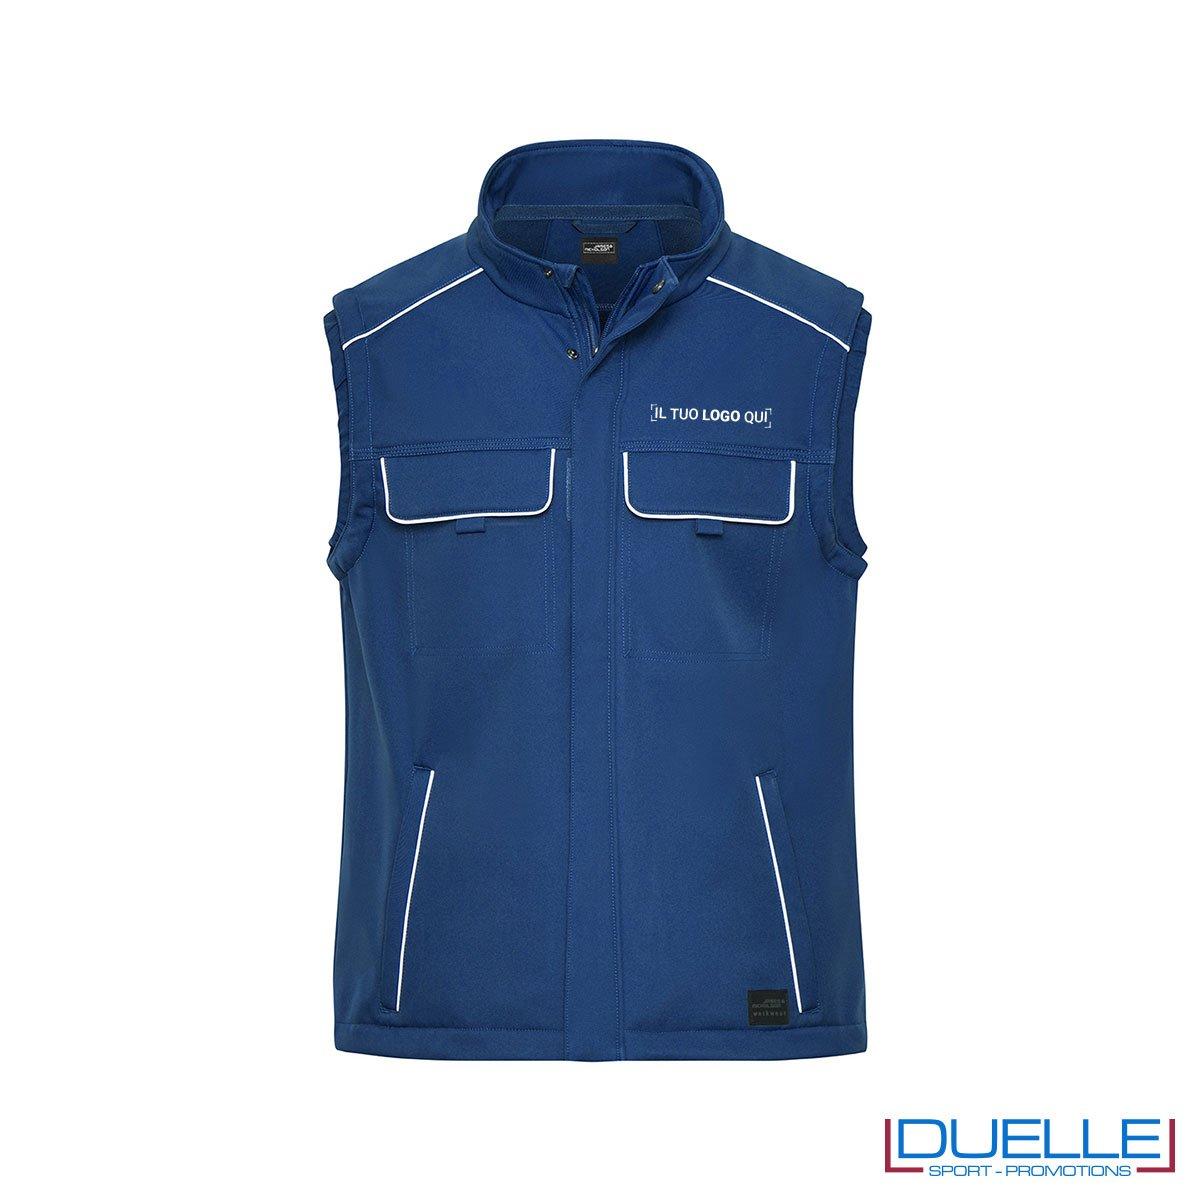 Gilet da lavoro personalizzato blu royal